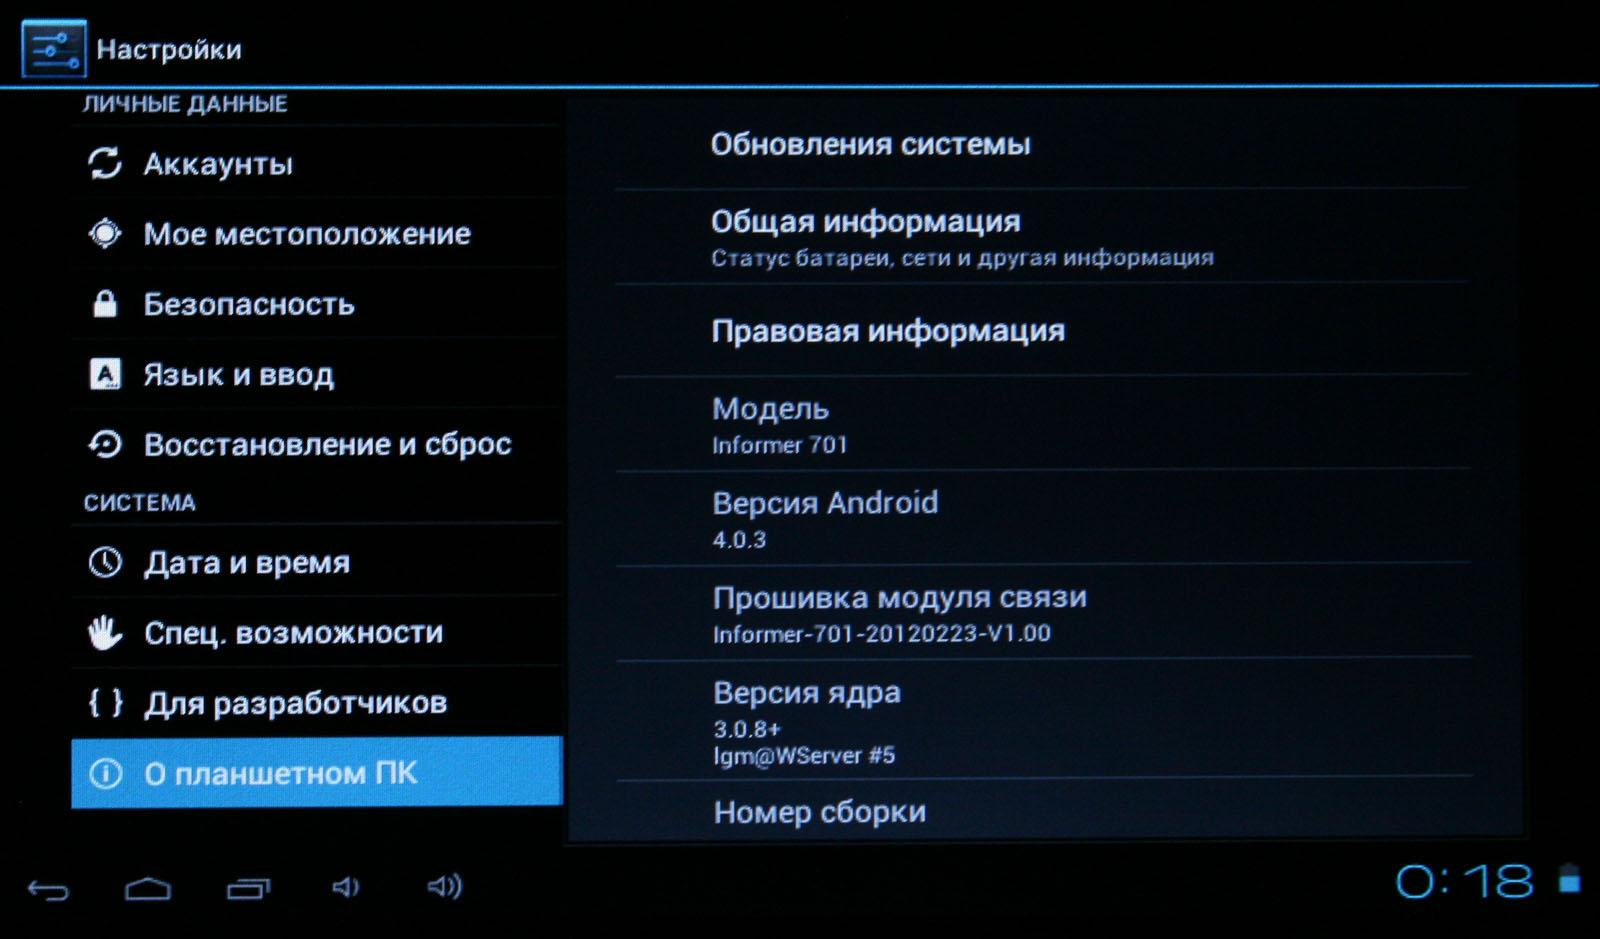 Как добавить русский язык на Андроид-смартфон - 4PDA 51